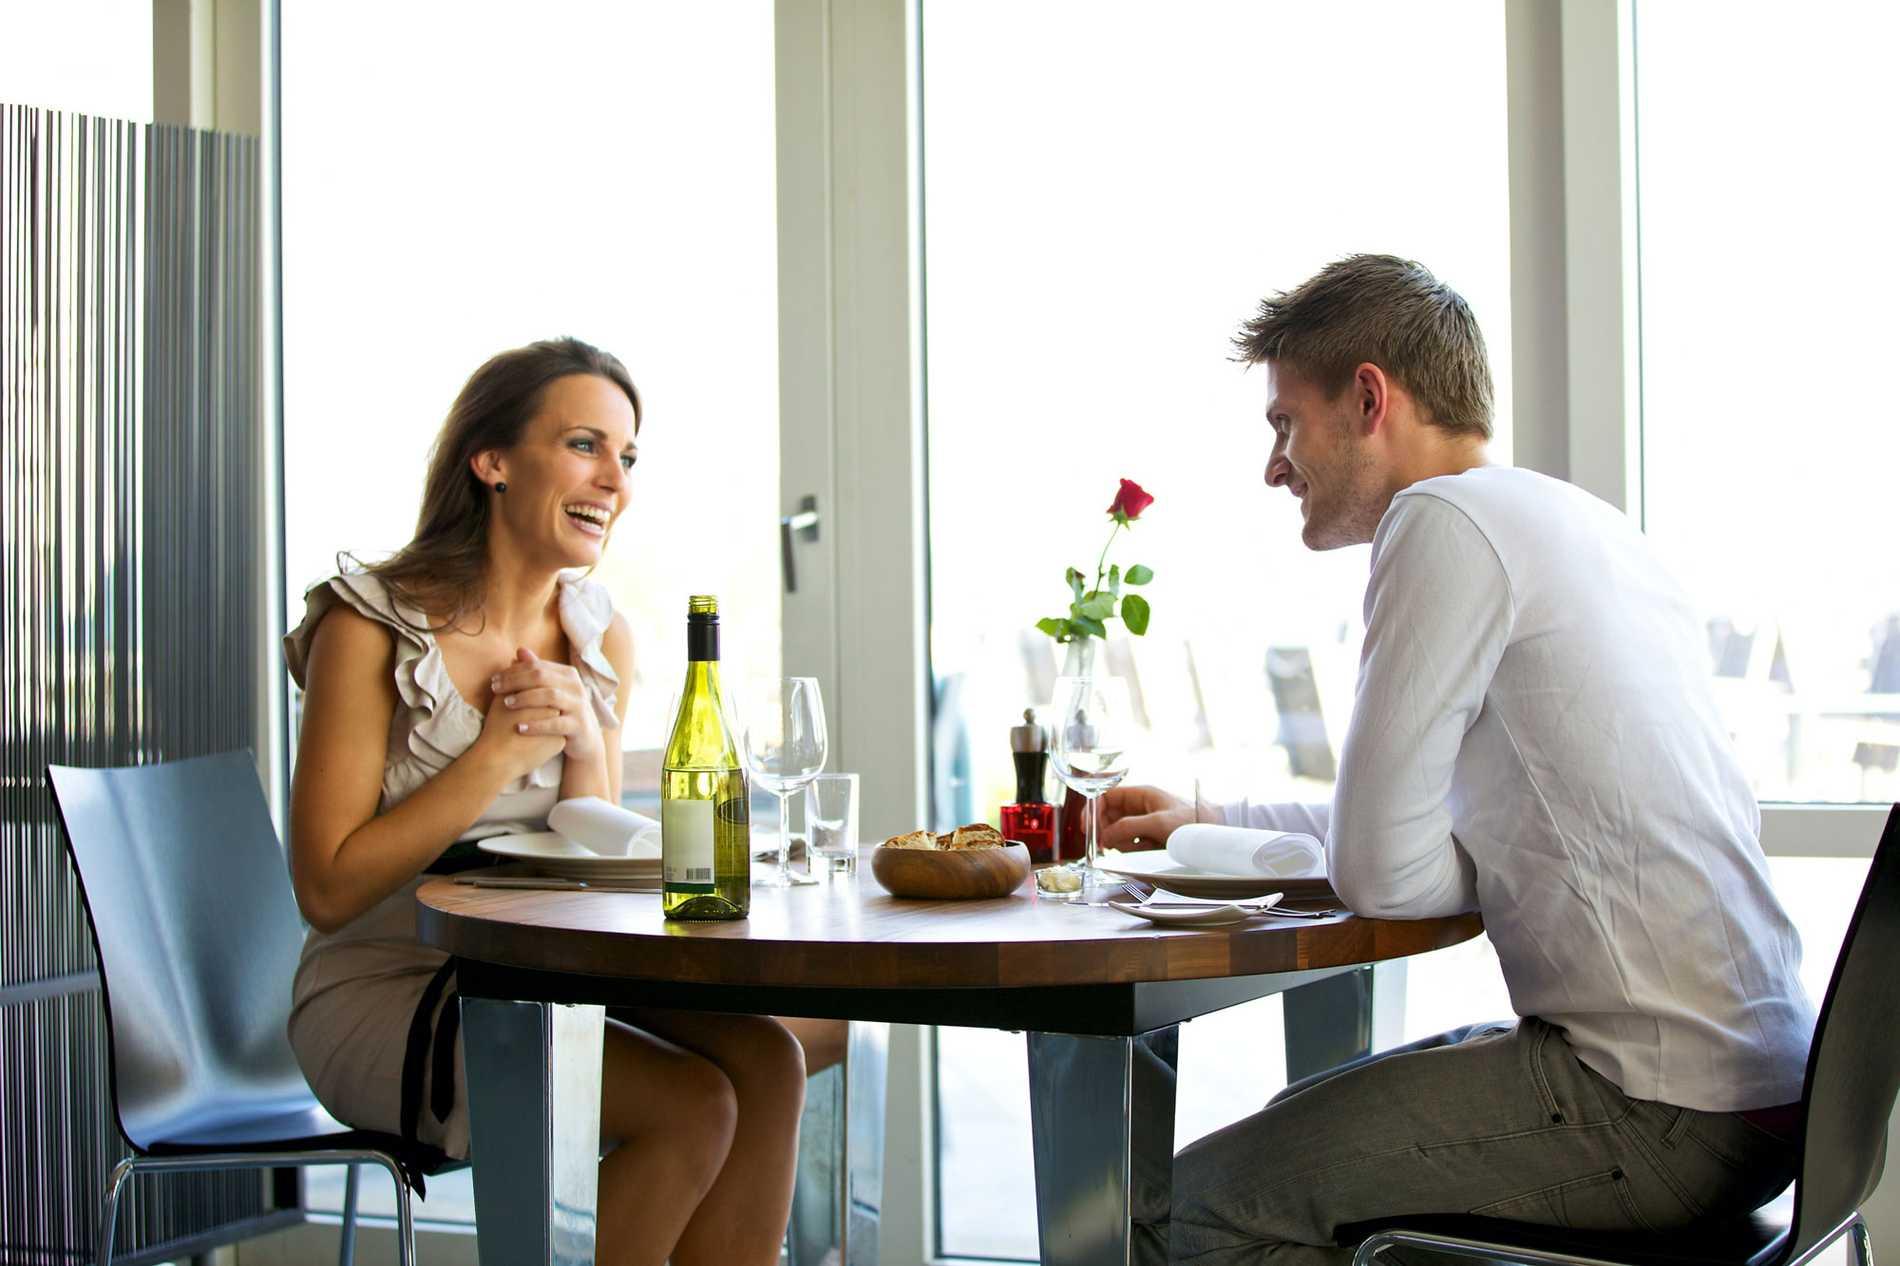 Träffa rätt – webbkurs i att dejta självsnällt